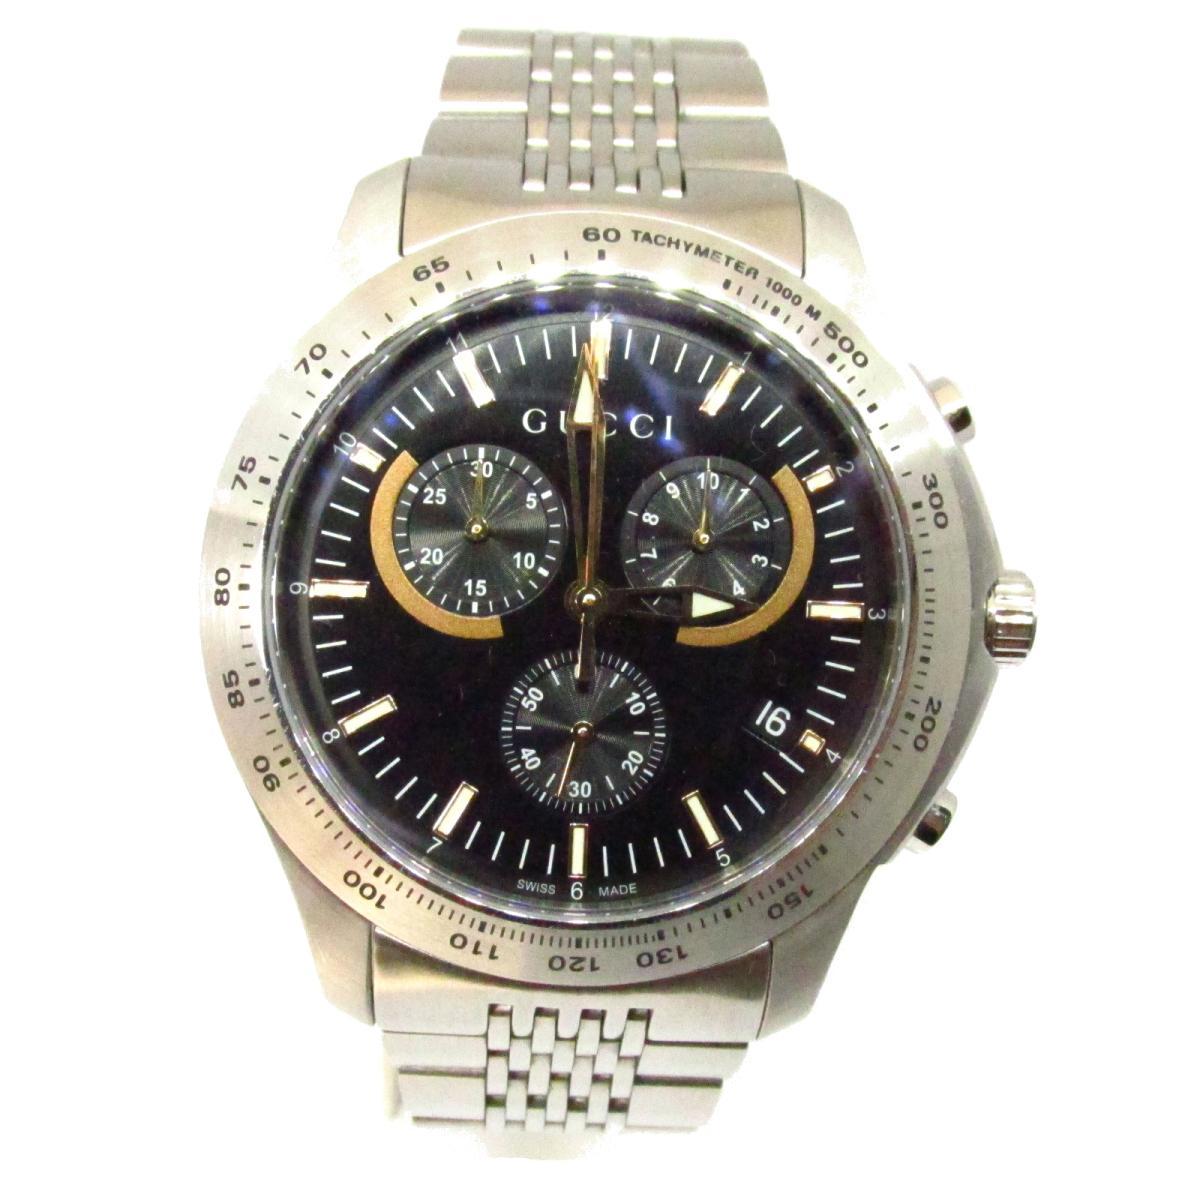 【中古】 グッチ Gタイムレスクロノ ウォッチ 腕時計 メンズ ステンレススチール (SS) シルバー (YA126257) | GUCCI クオーツ クォーツ 時計 Gタイムレスクロノ 美品 ブランドオフ BRANDOFF